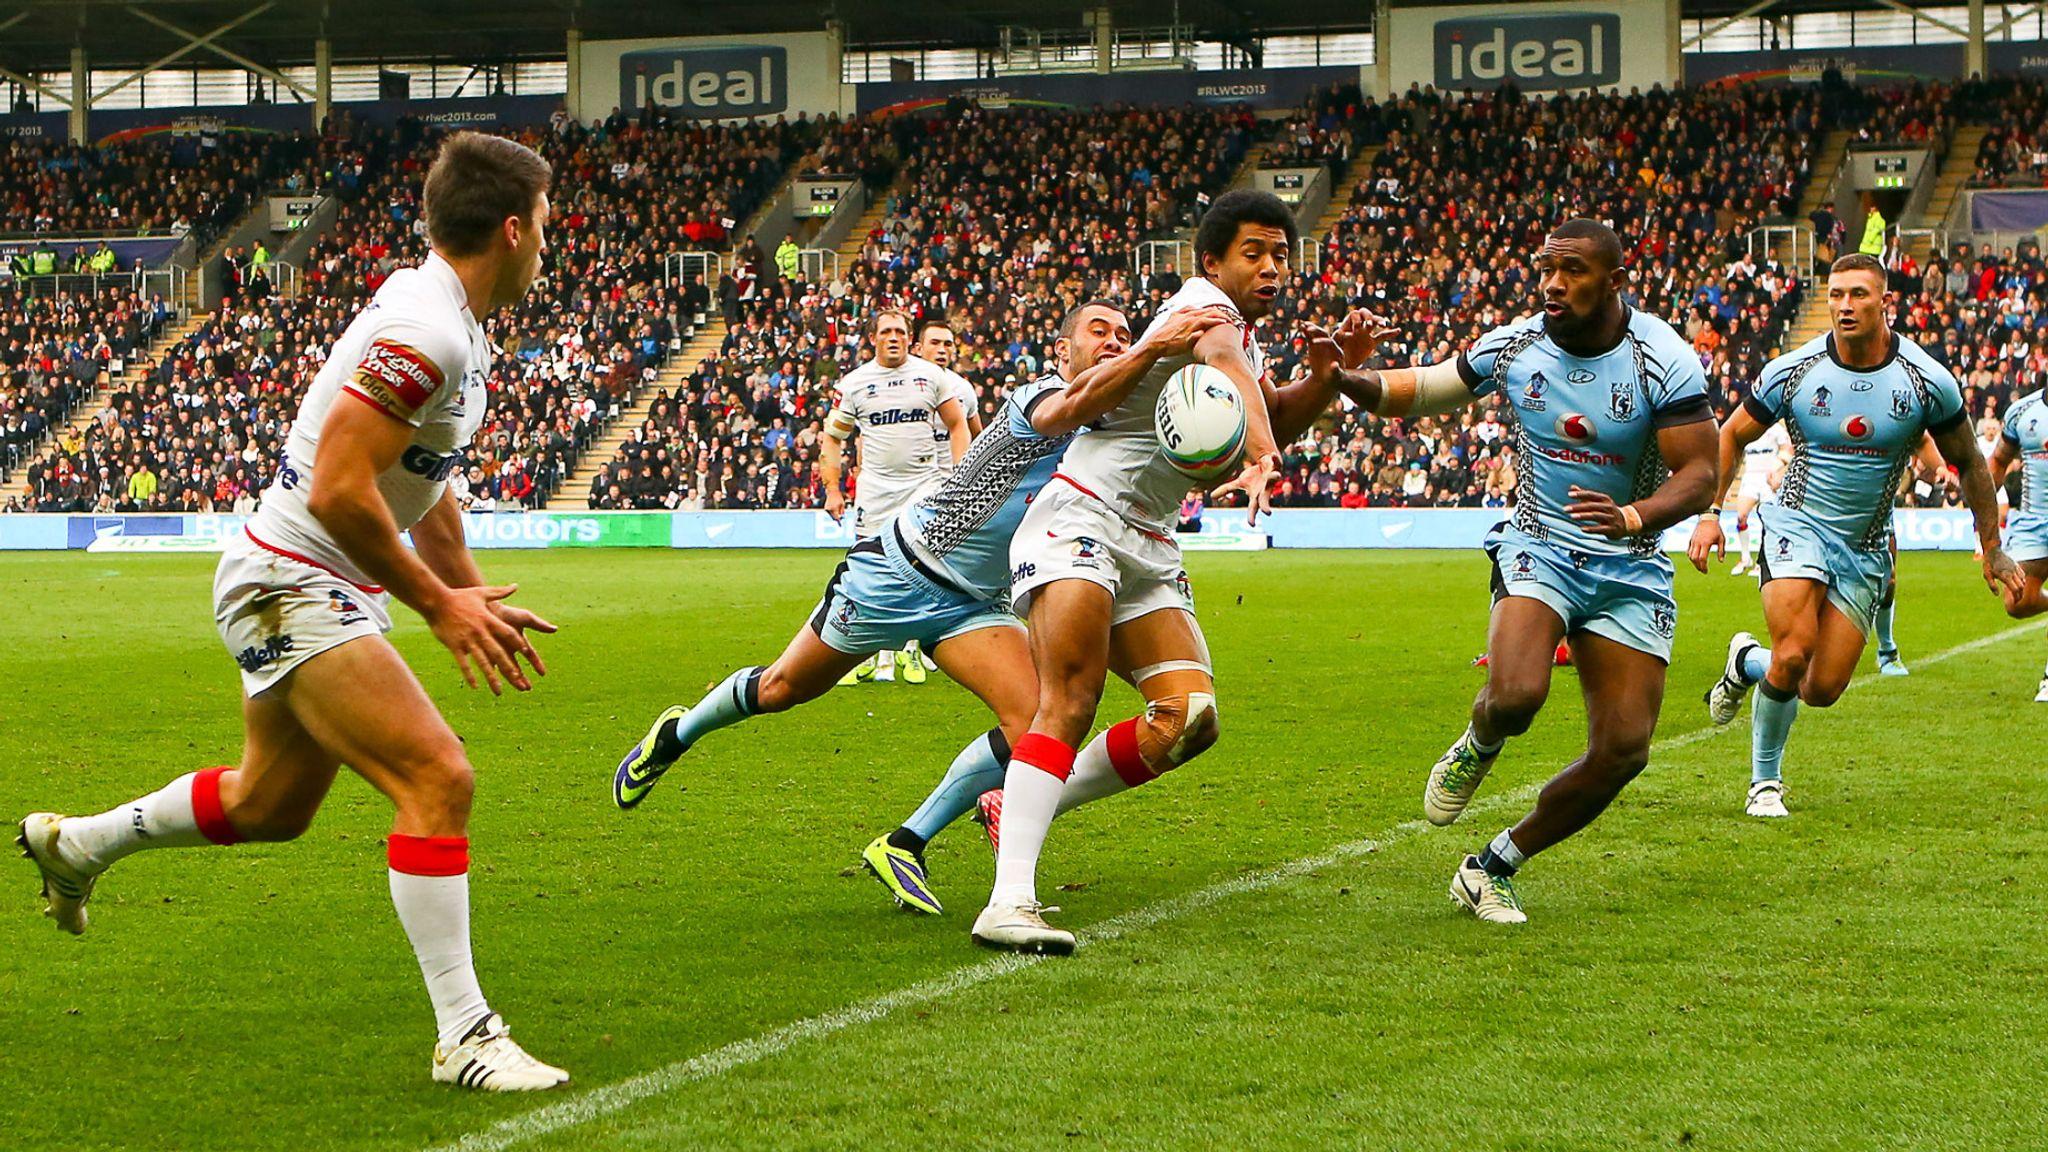 England v Fiji Test postponed until 2022